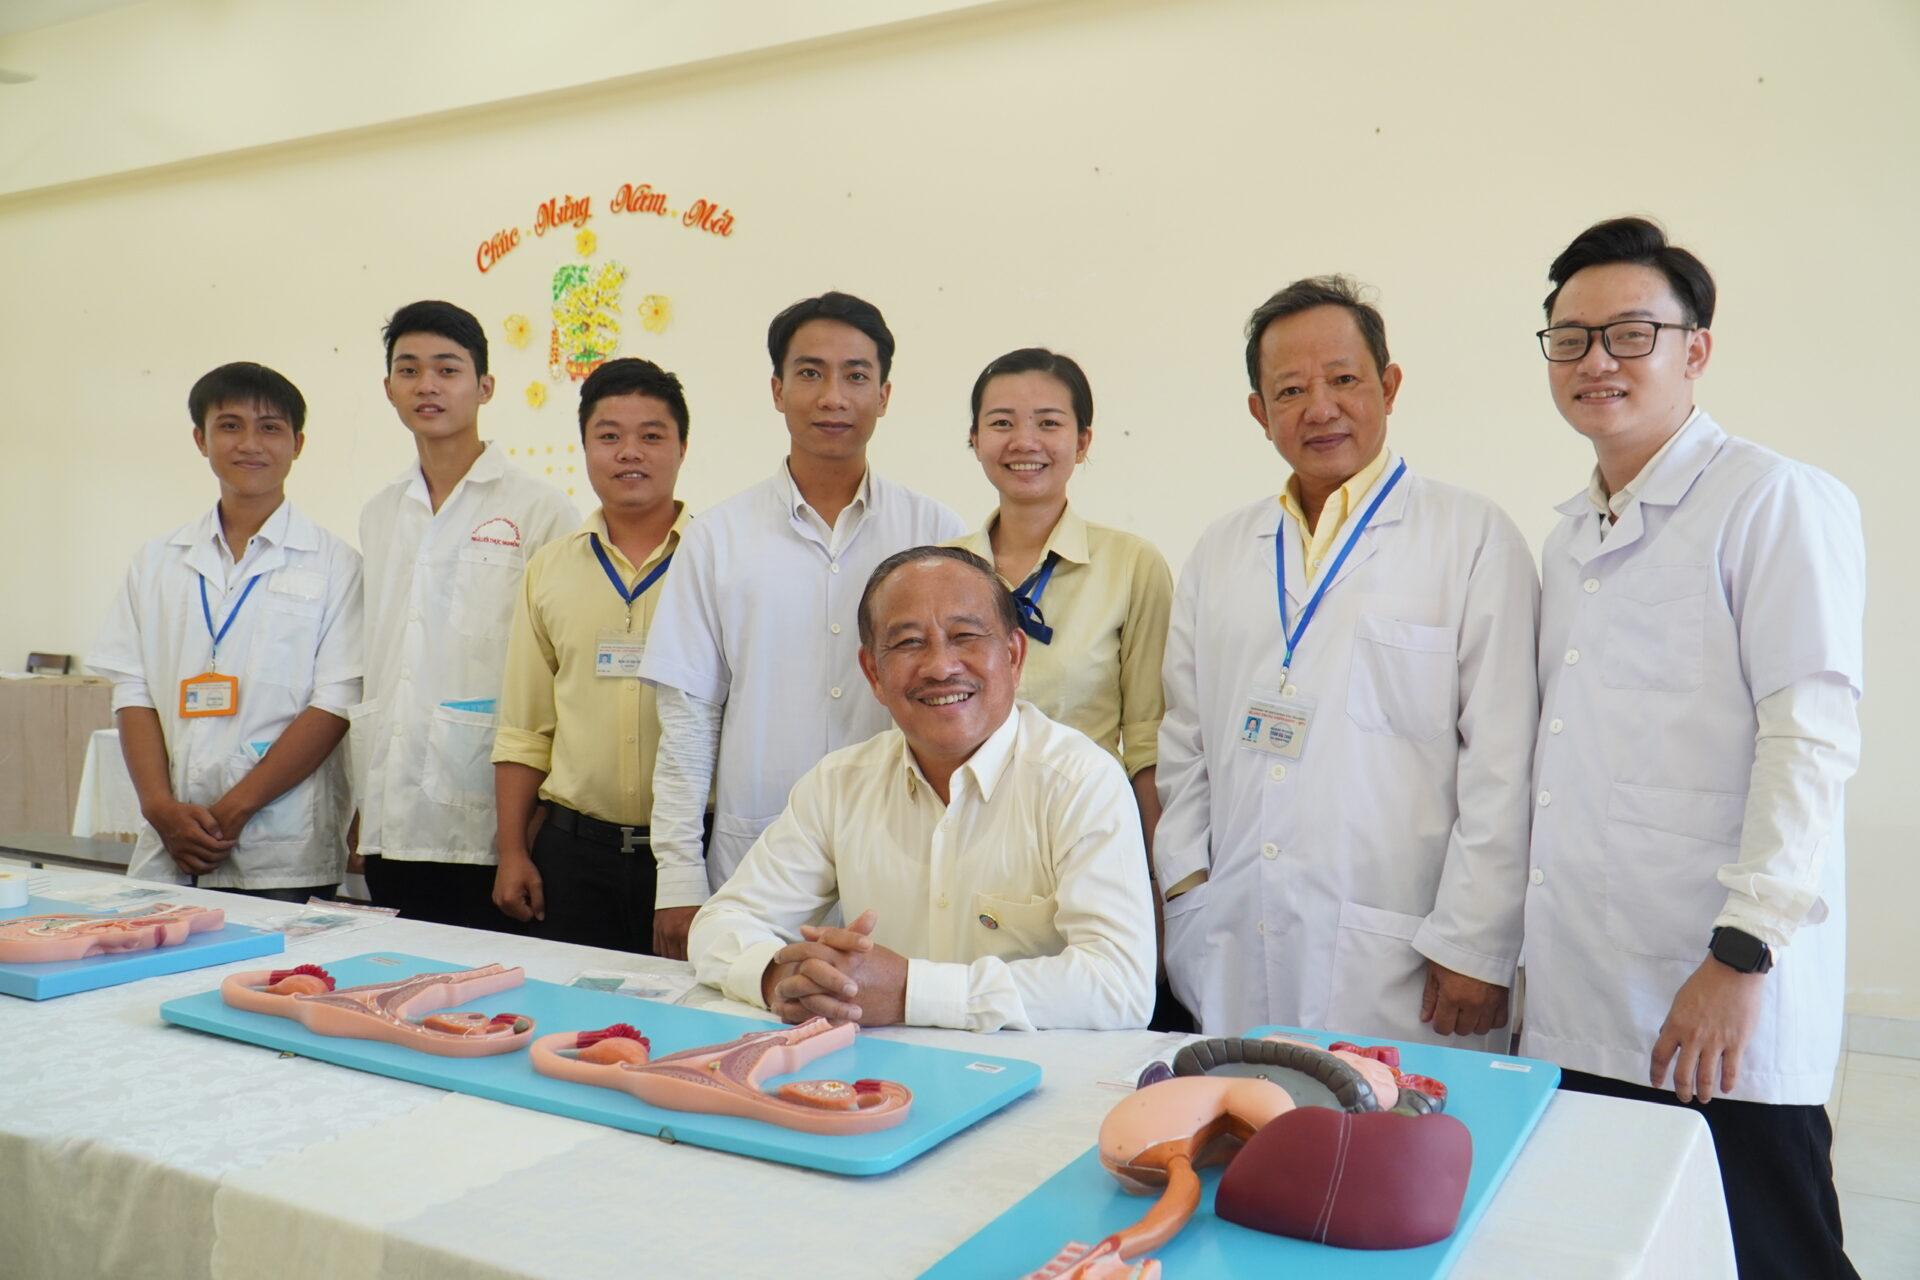 Trường ĐH Quang Trung: Ngành điều dưỡng có điểm nhận hồ sơ xét tuyển cao nhất